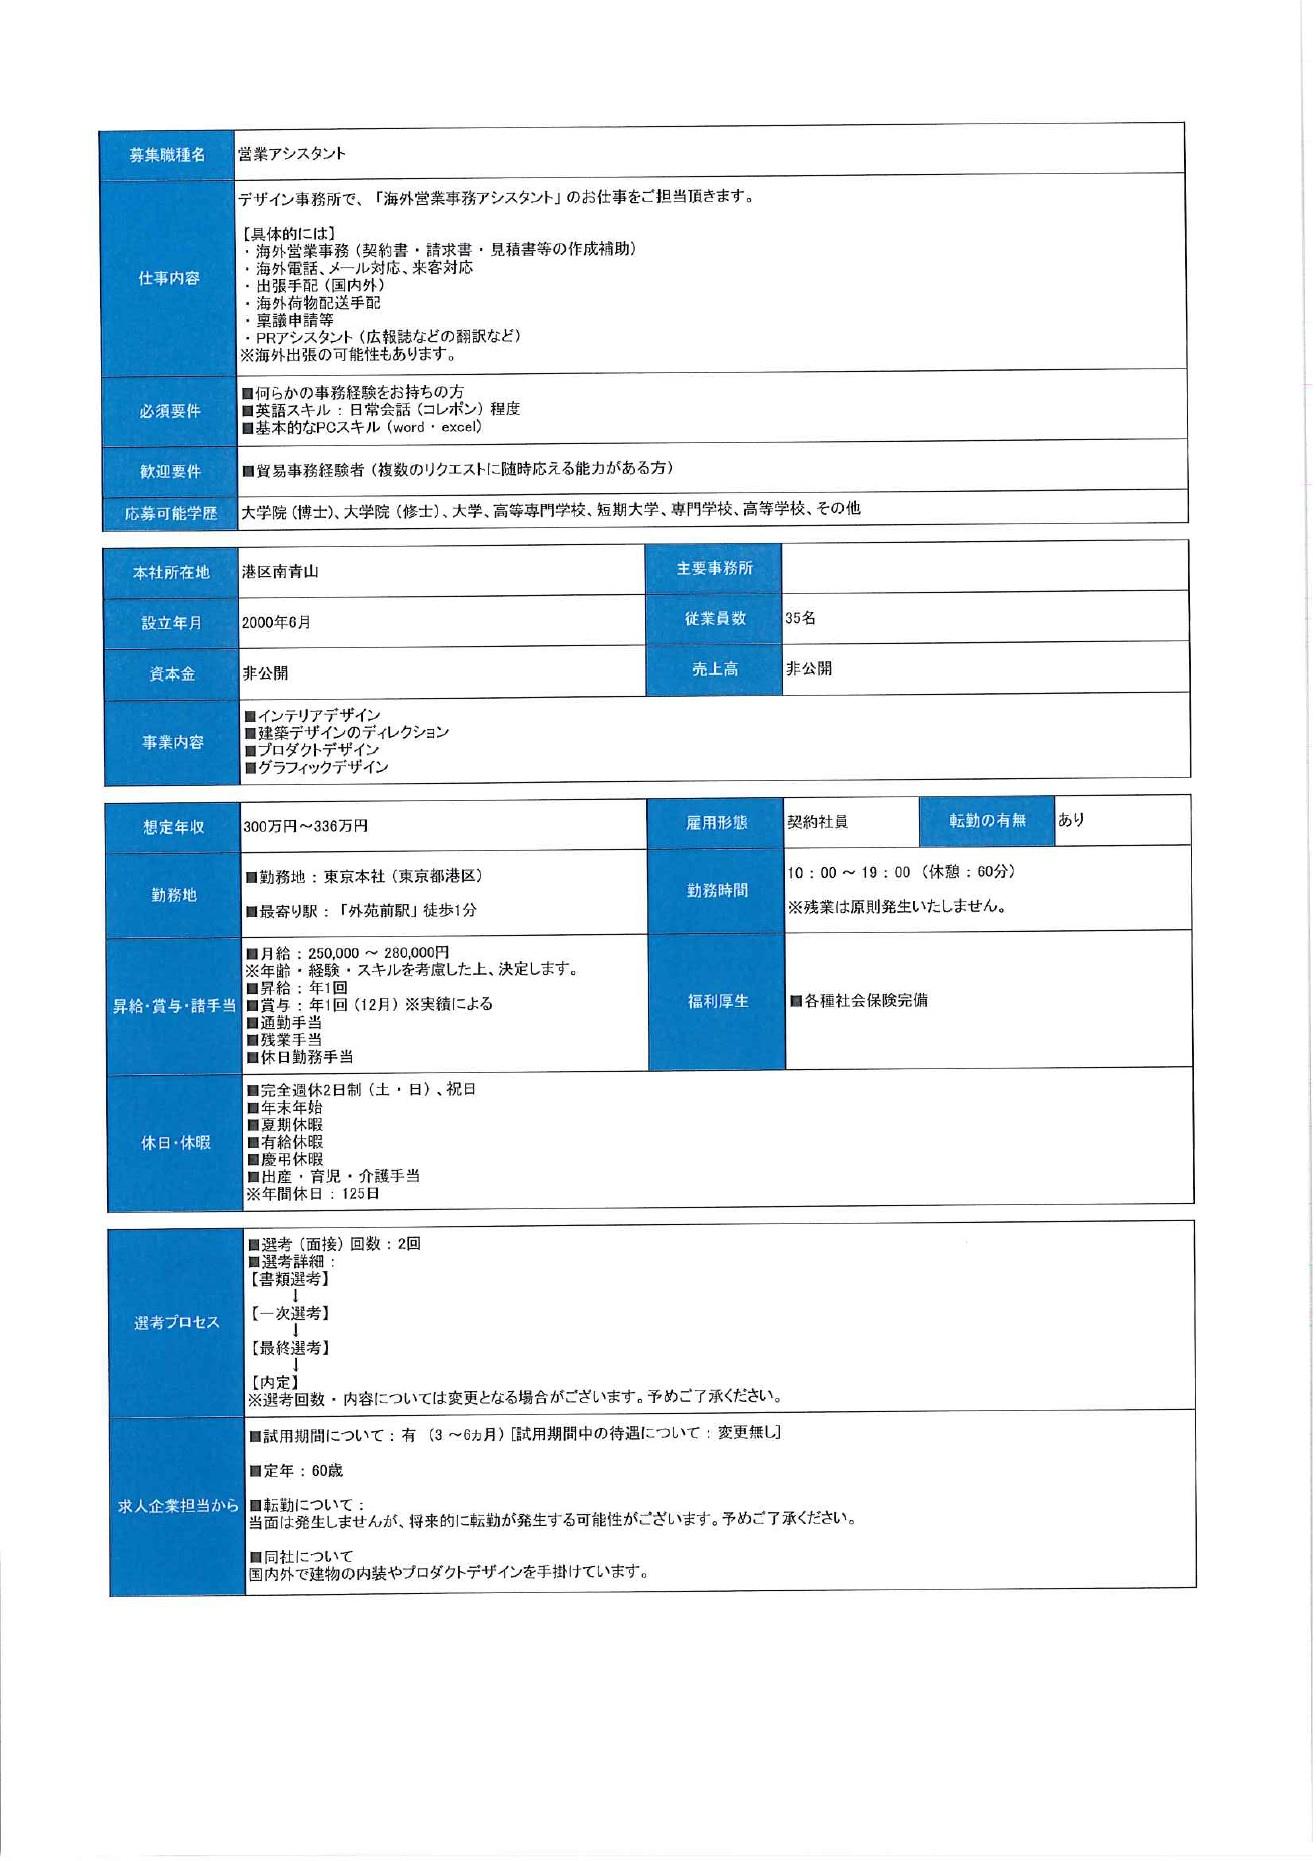 日本でのお仕事情報(12月) | East-Westカナダ留学センター